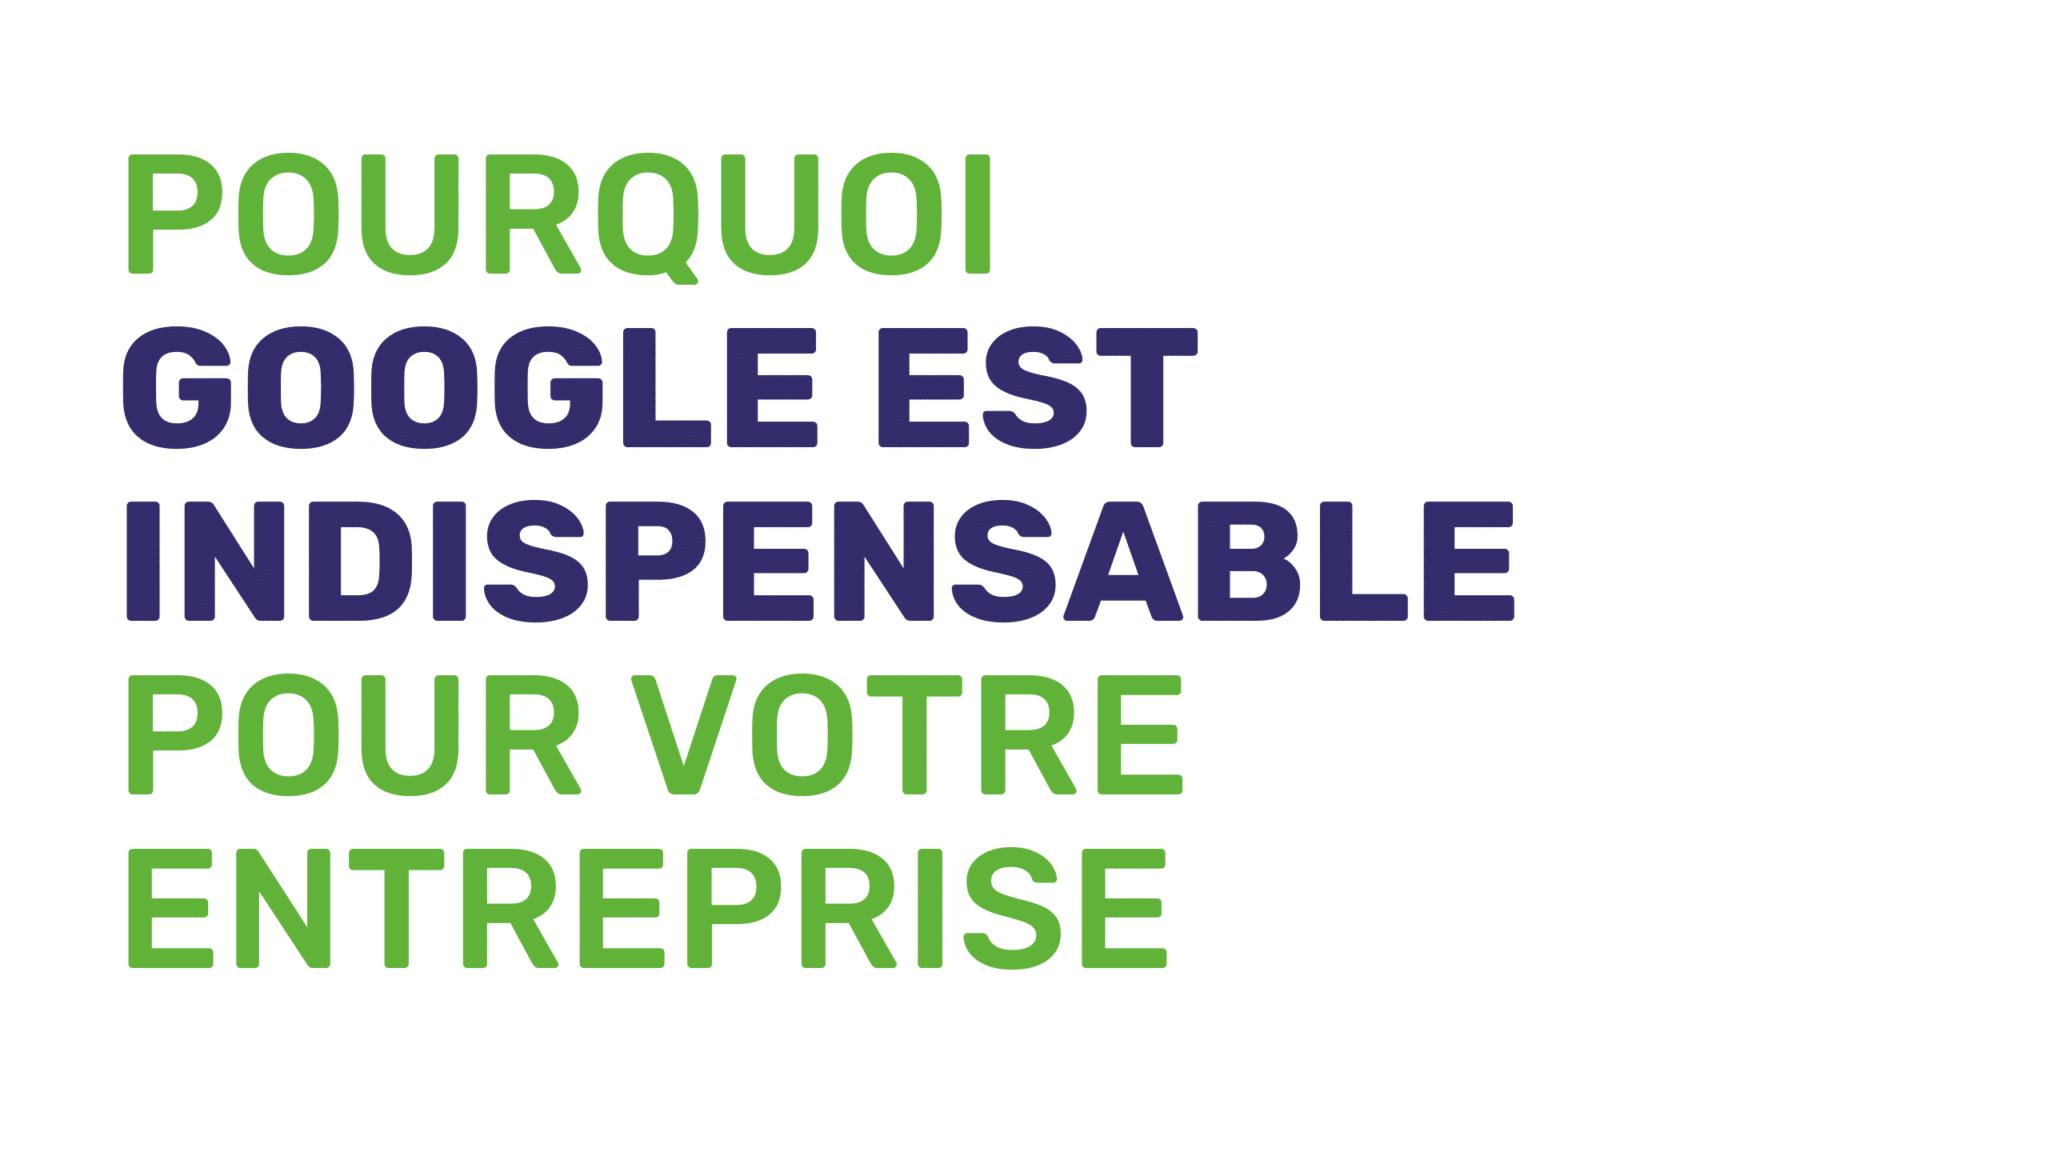 Pourquoi Google est indispensable pour votre entreprise